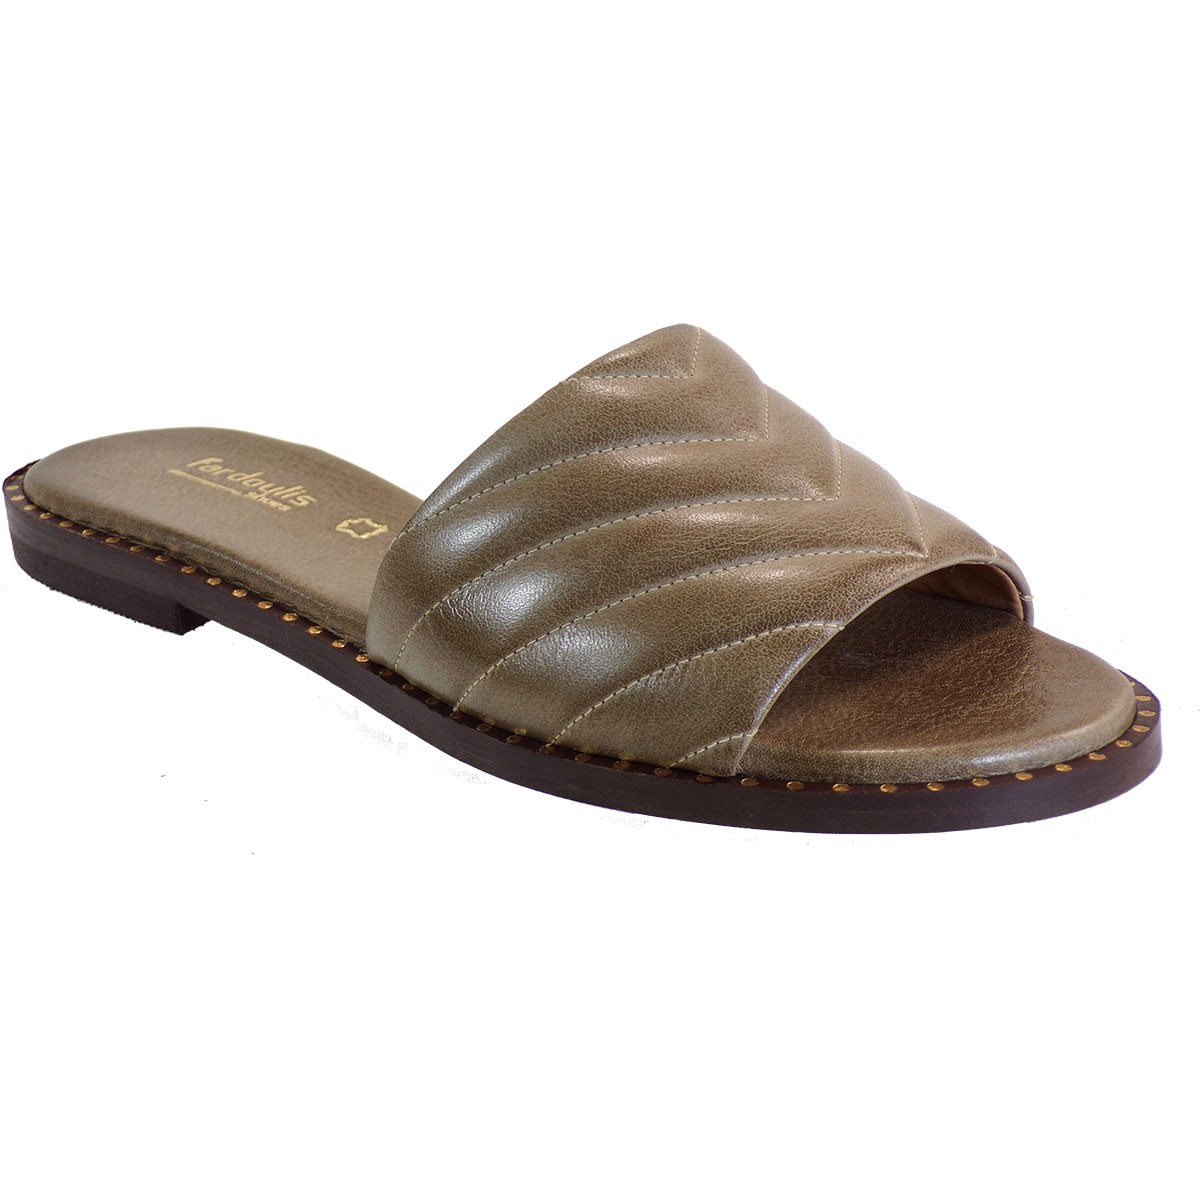 Fardoulis shoes Γυναικείες Παντόφλες 115-74 Λαδί Δέρμα